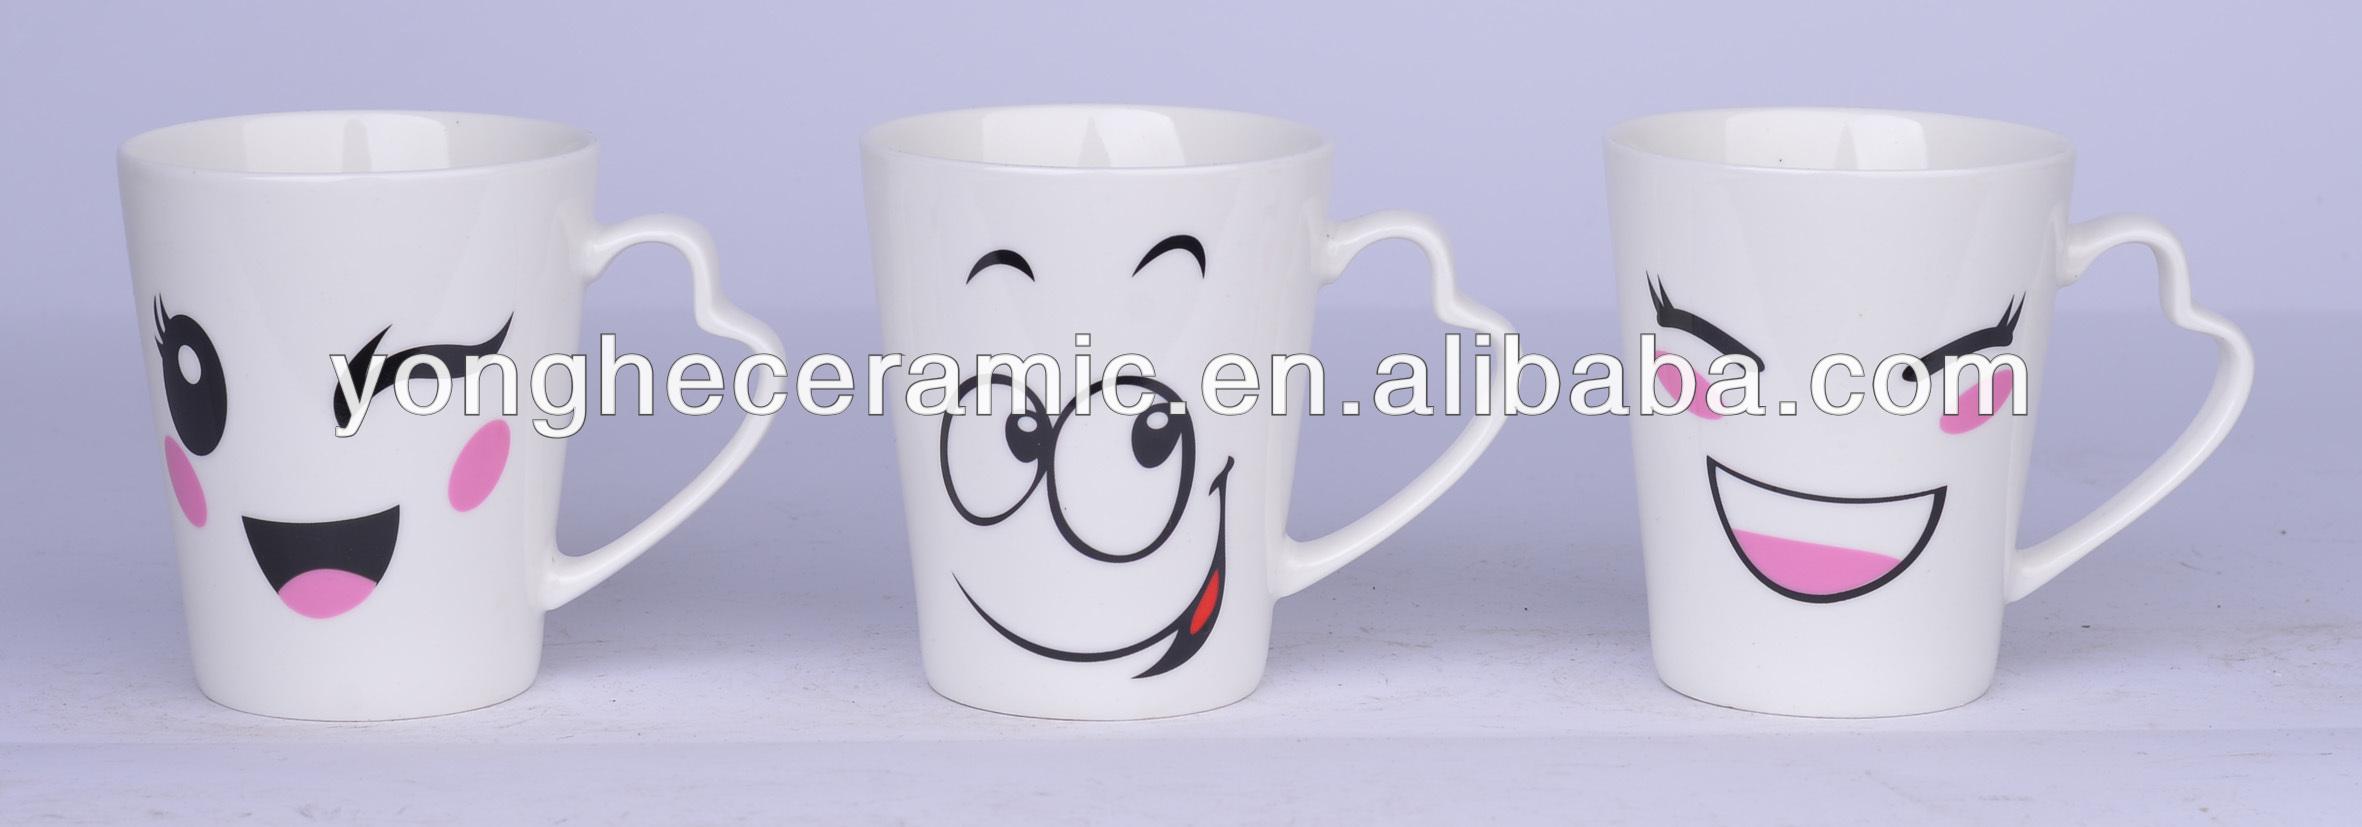 Coffee Emoji Cute Face Emoji White Ceramic Mug Set